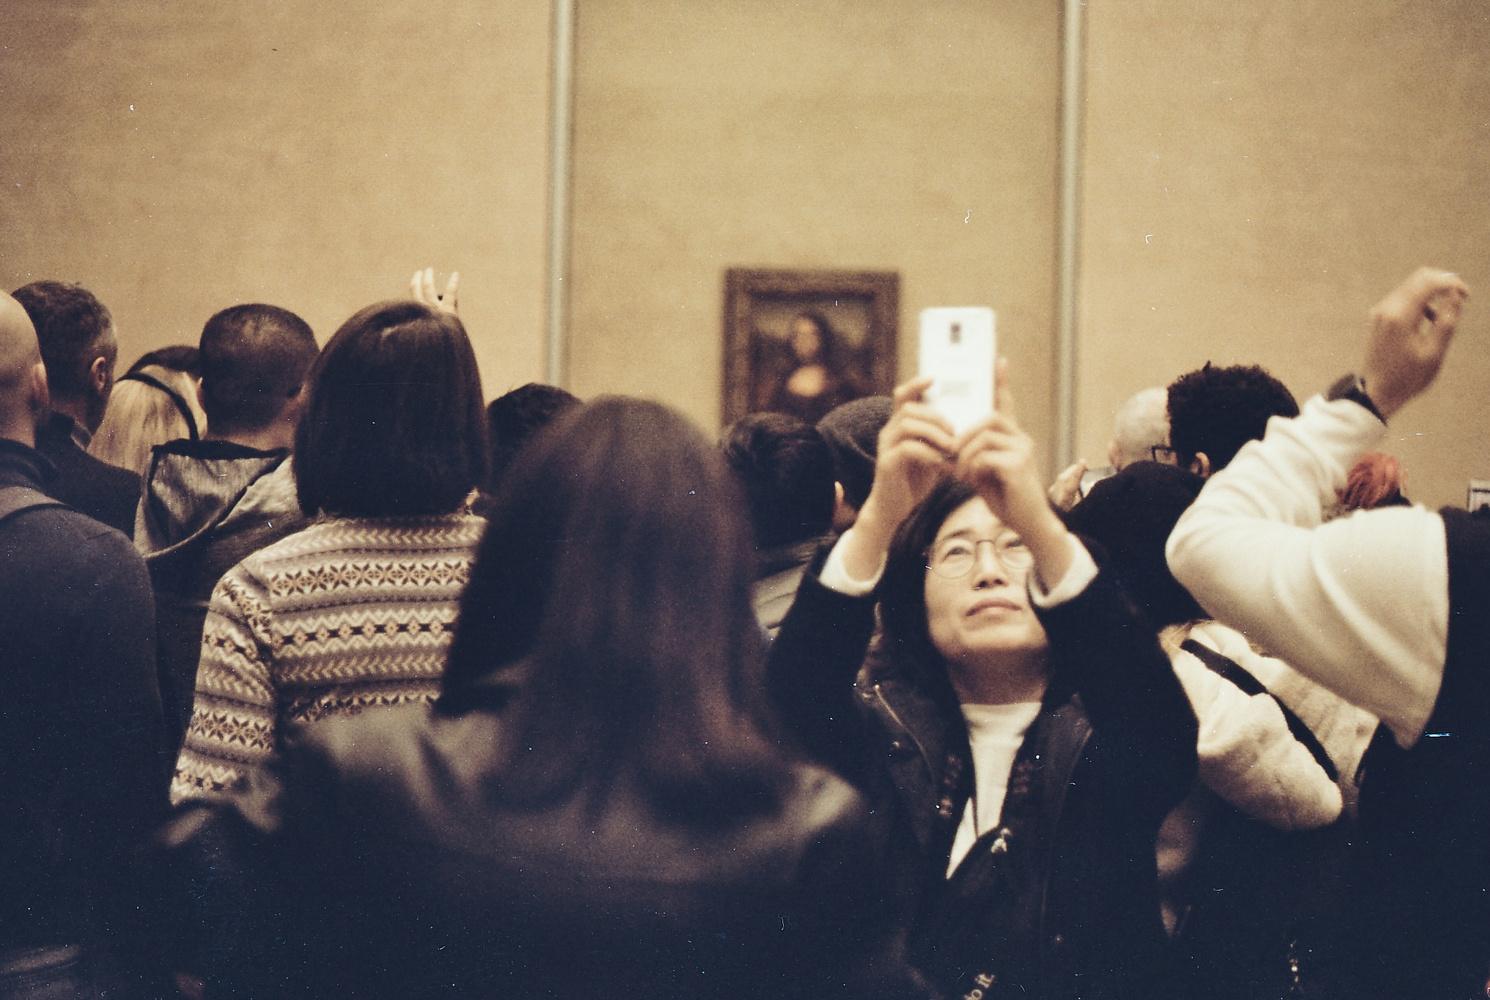 Mona Lisa by Joe Irving